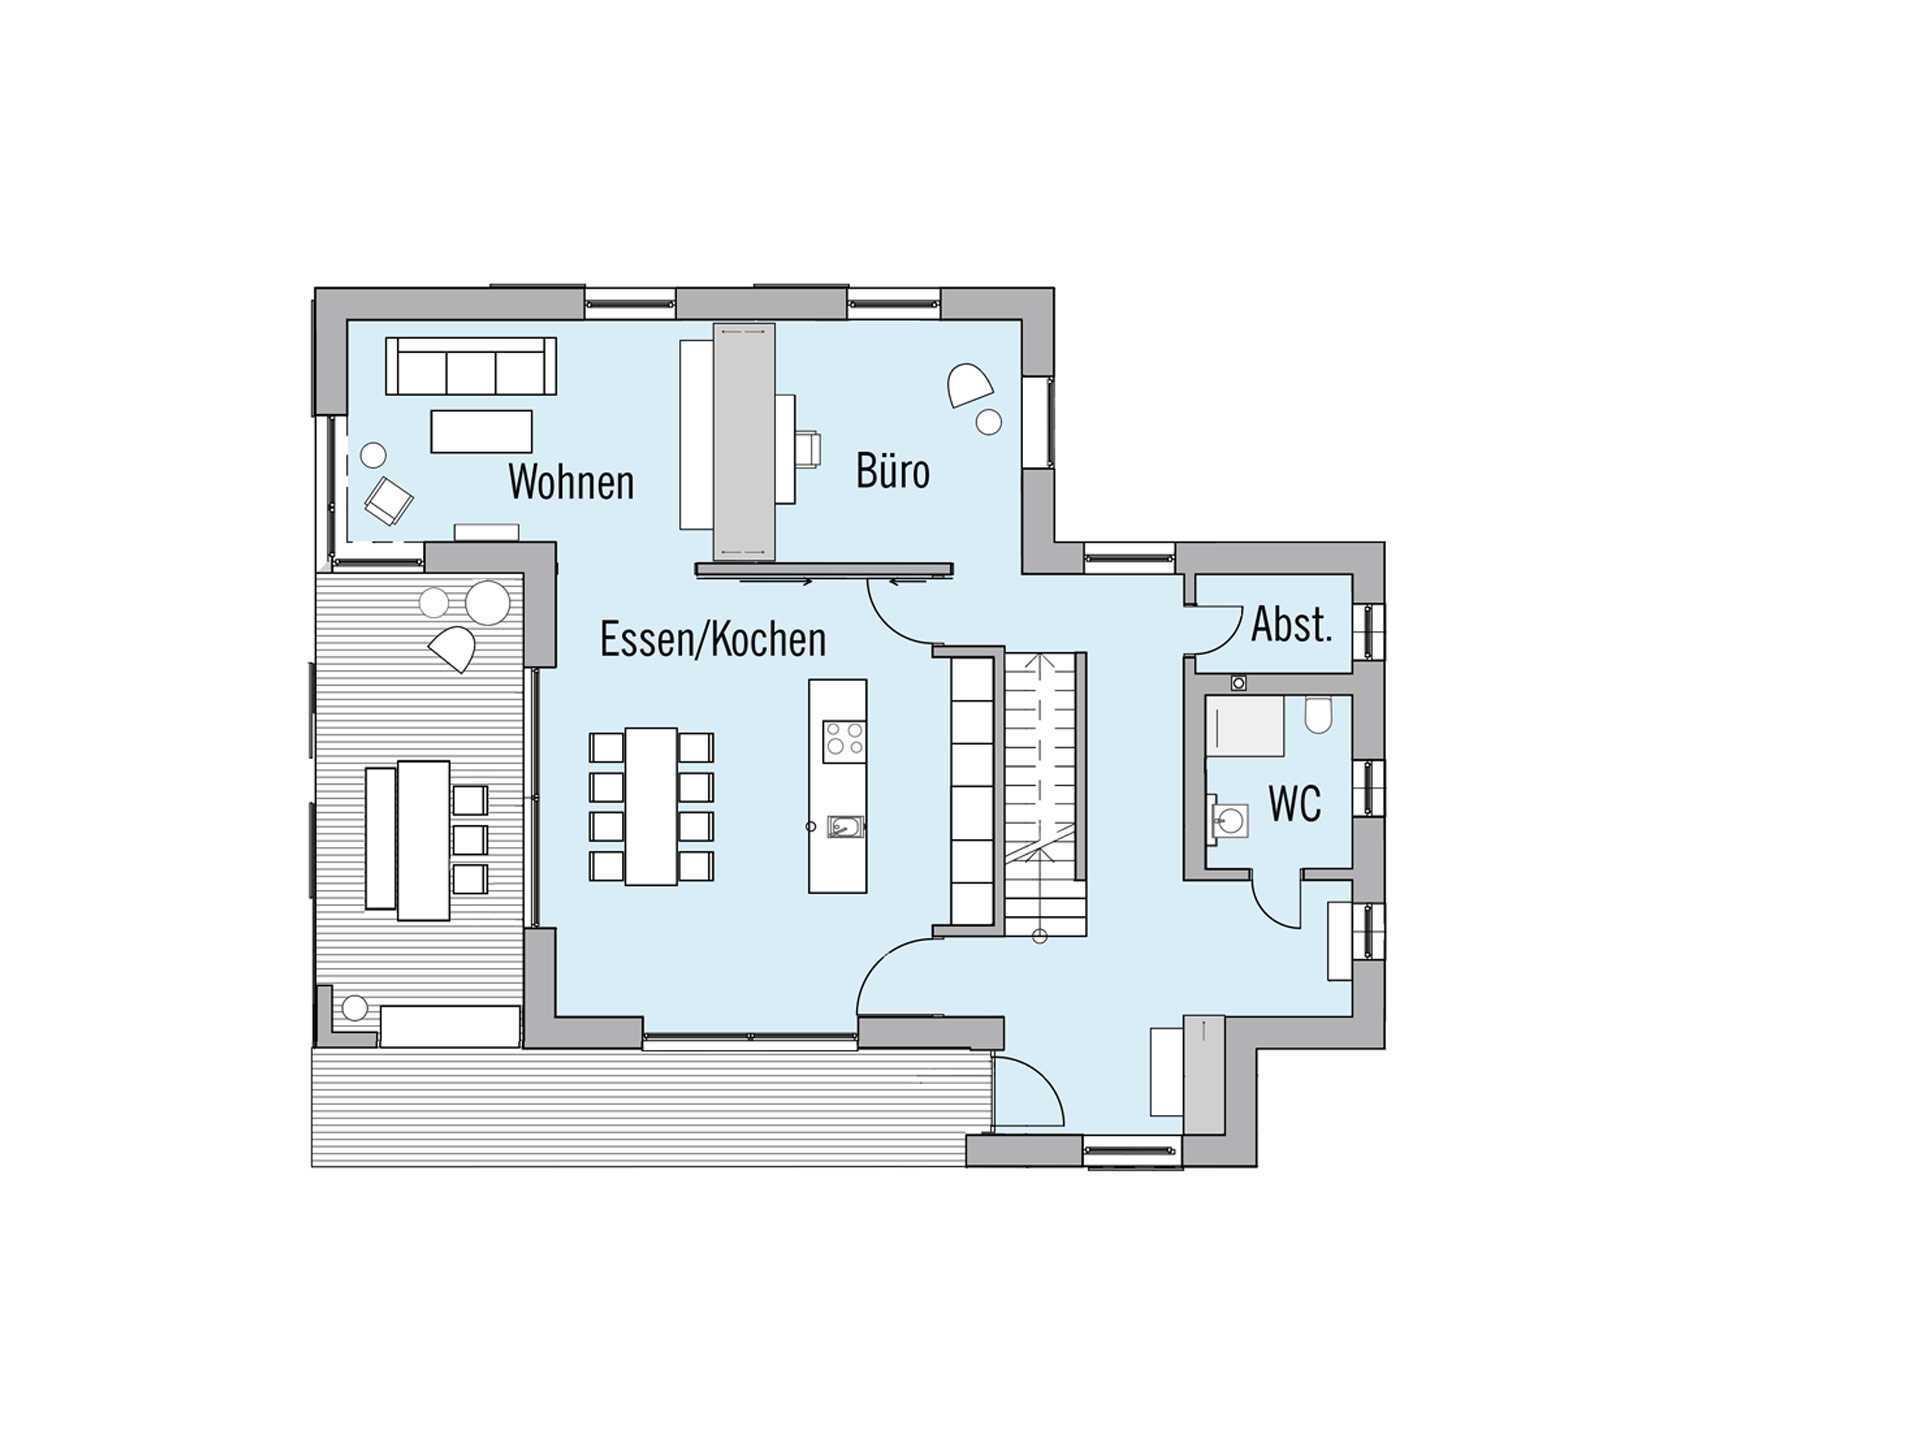 Naturdesign - Eine Nahaufnahme eines Geräts - Gebäudeplan